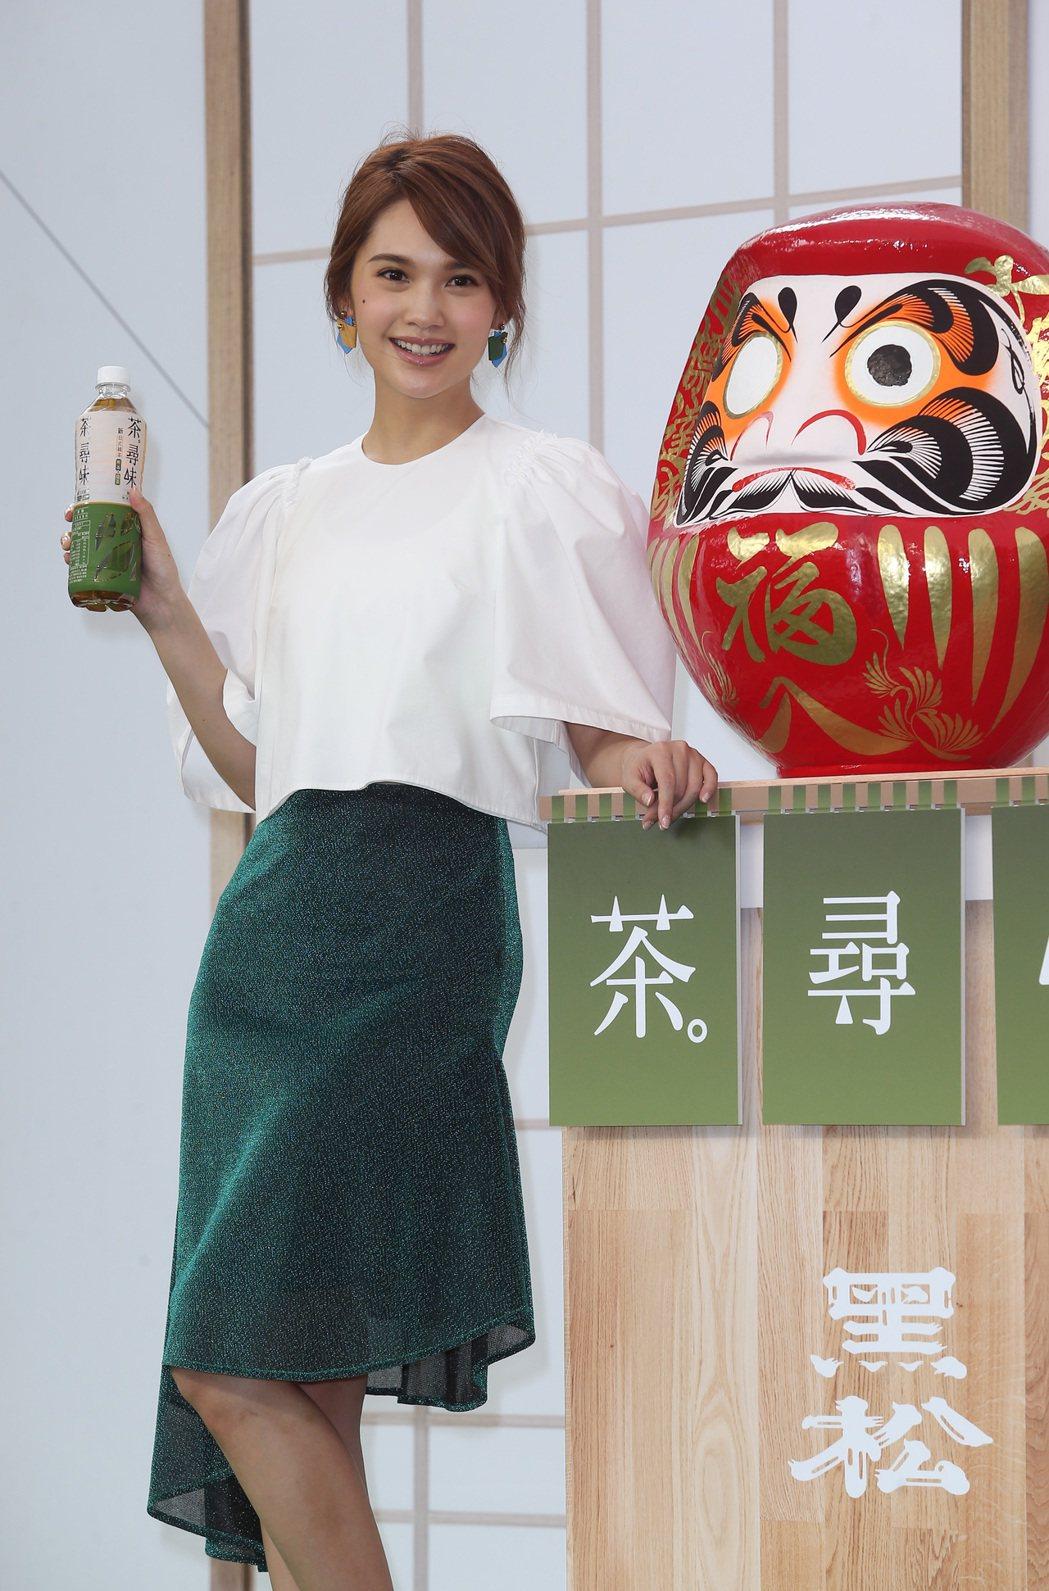 藝人楊丞琳代言老品牌茶飲料,展現多國語言天份,出道越久越耐人尋味。記者曾吉松/攝...